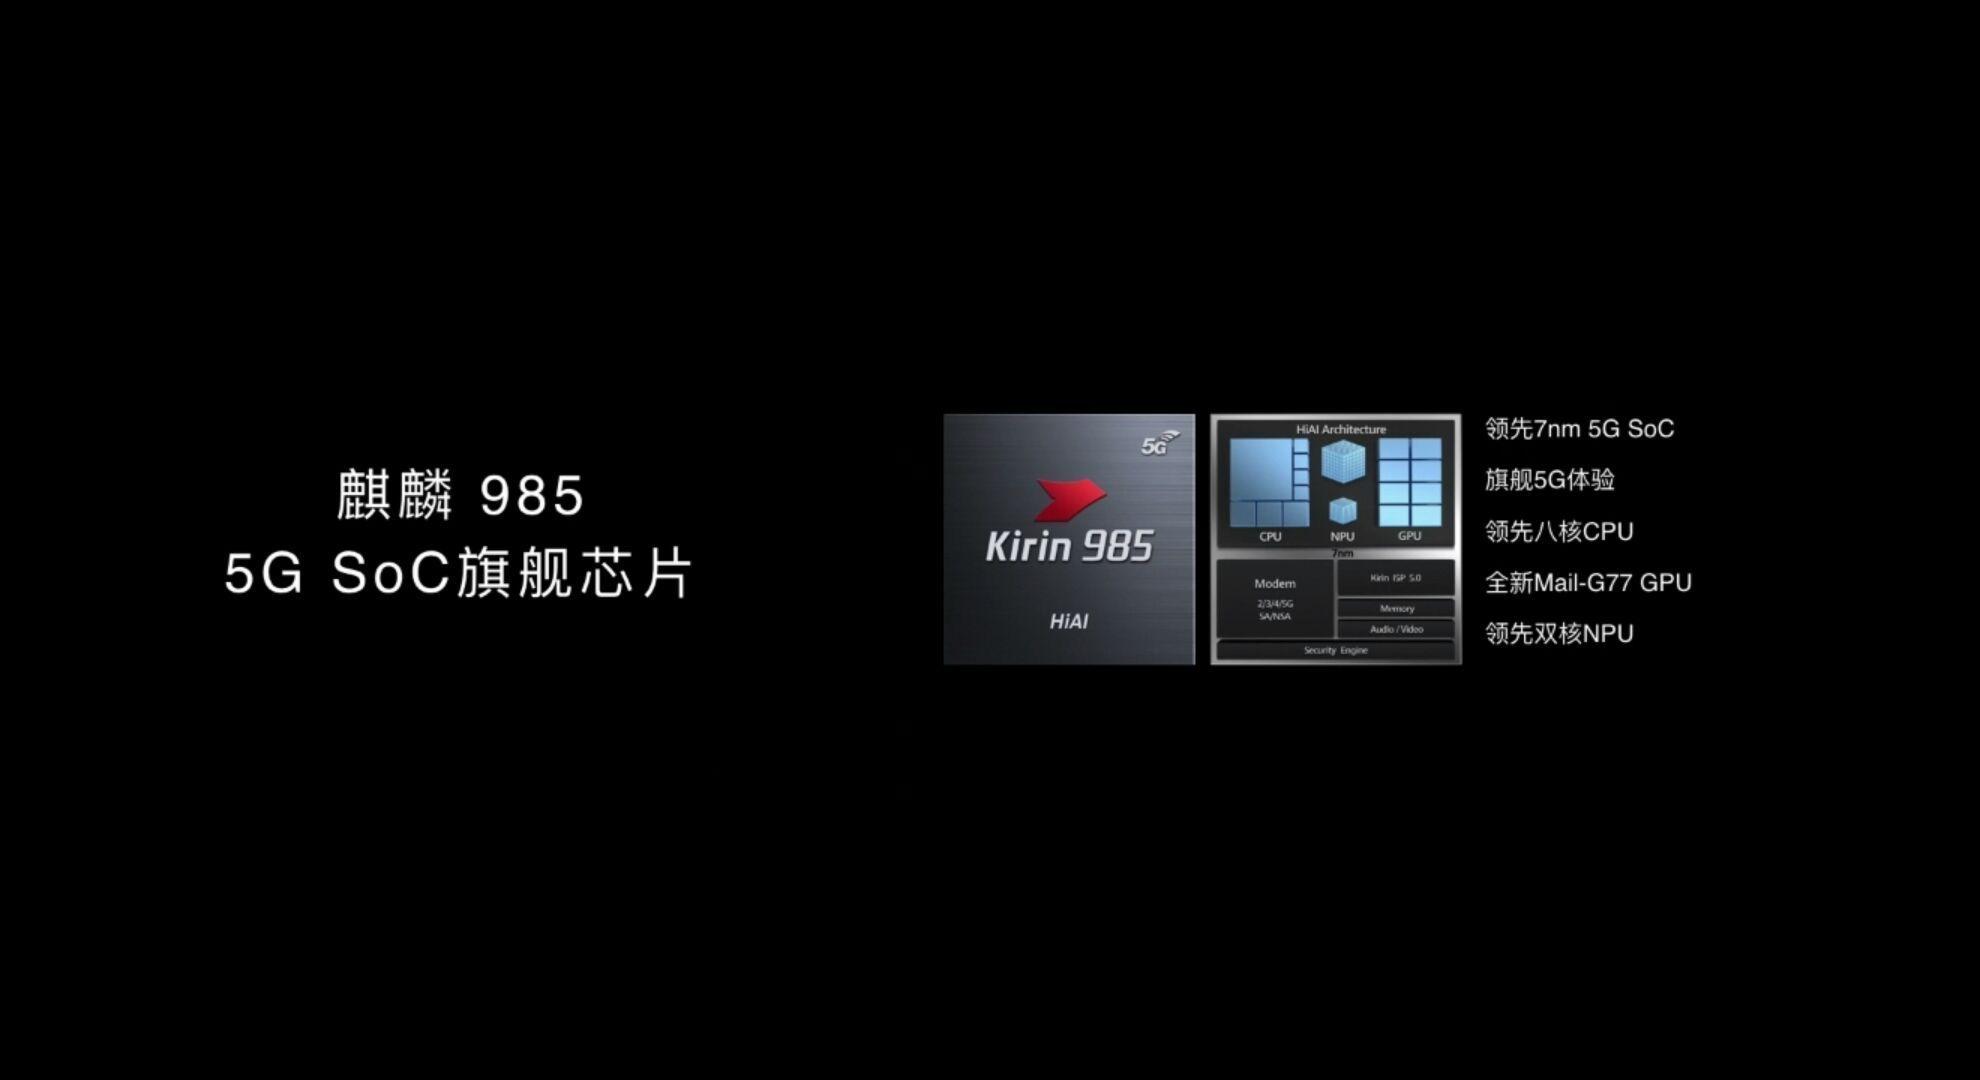 Huawei Kirin 985のパフォーマンスモードと非パフォーマンスモードのAnTuTu Benchmark v8スコア